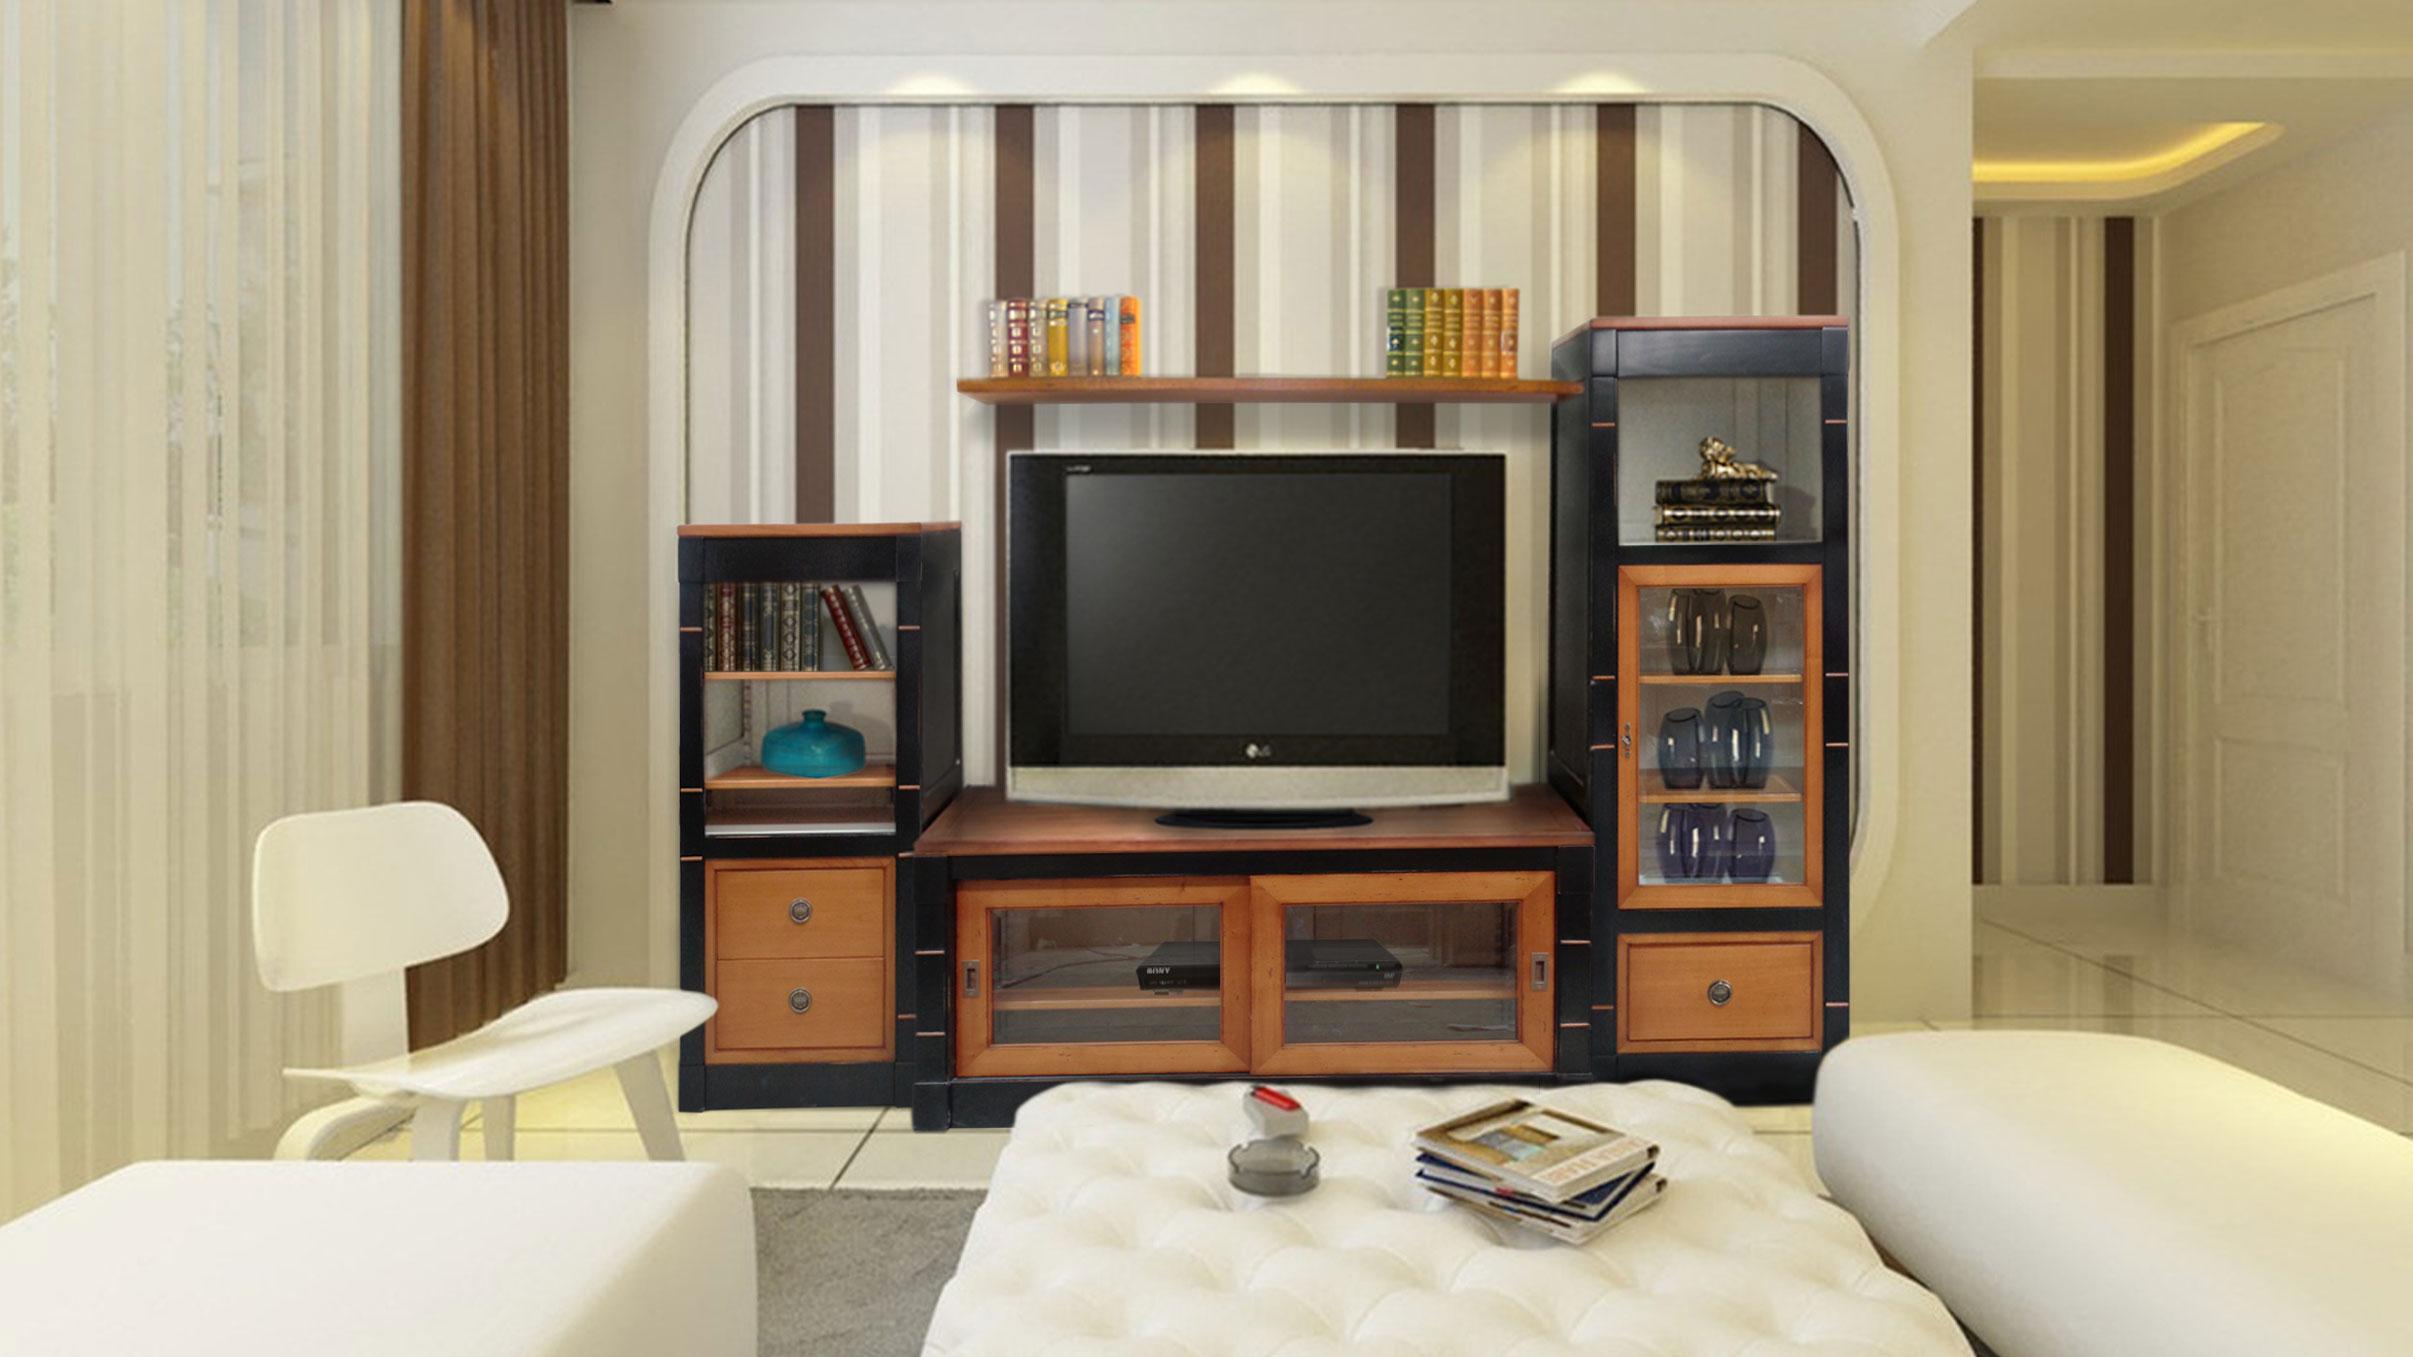 Meuble Tv Avec Bibliothèque bibliothèque avec meubles tv - en savoir plus contactez nous